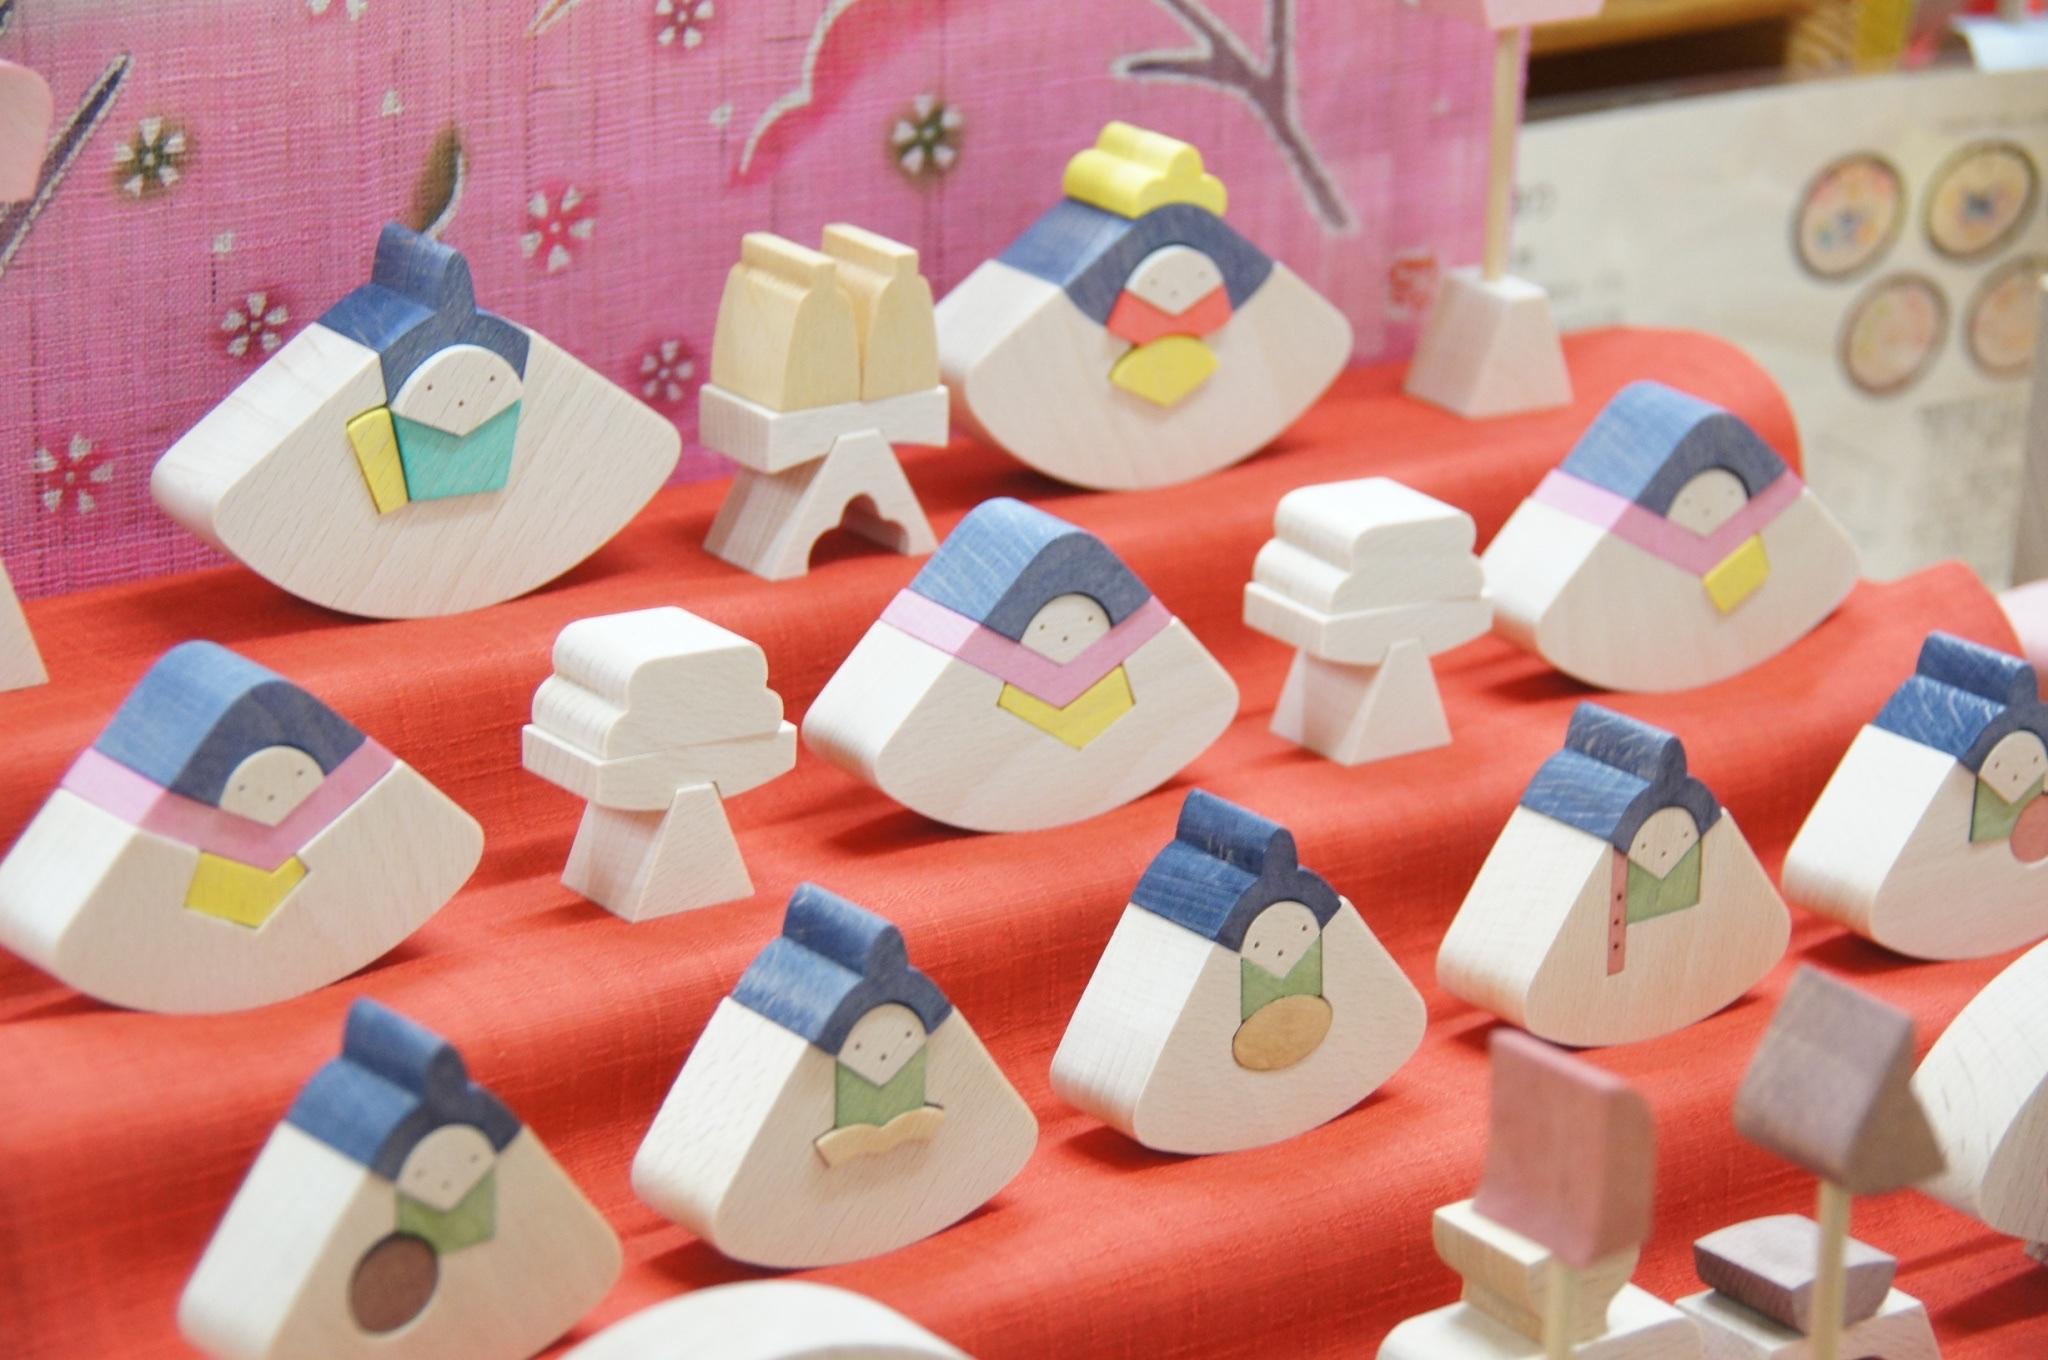 子どもが手にして遊べる組み木の節句人形【 小黒三郎段飾りのご案内 】